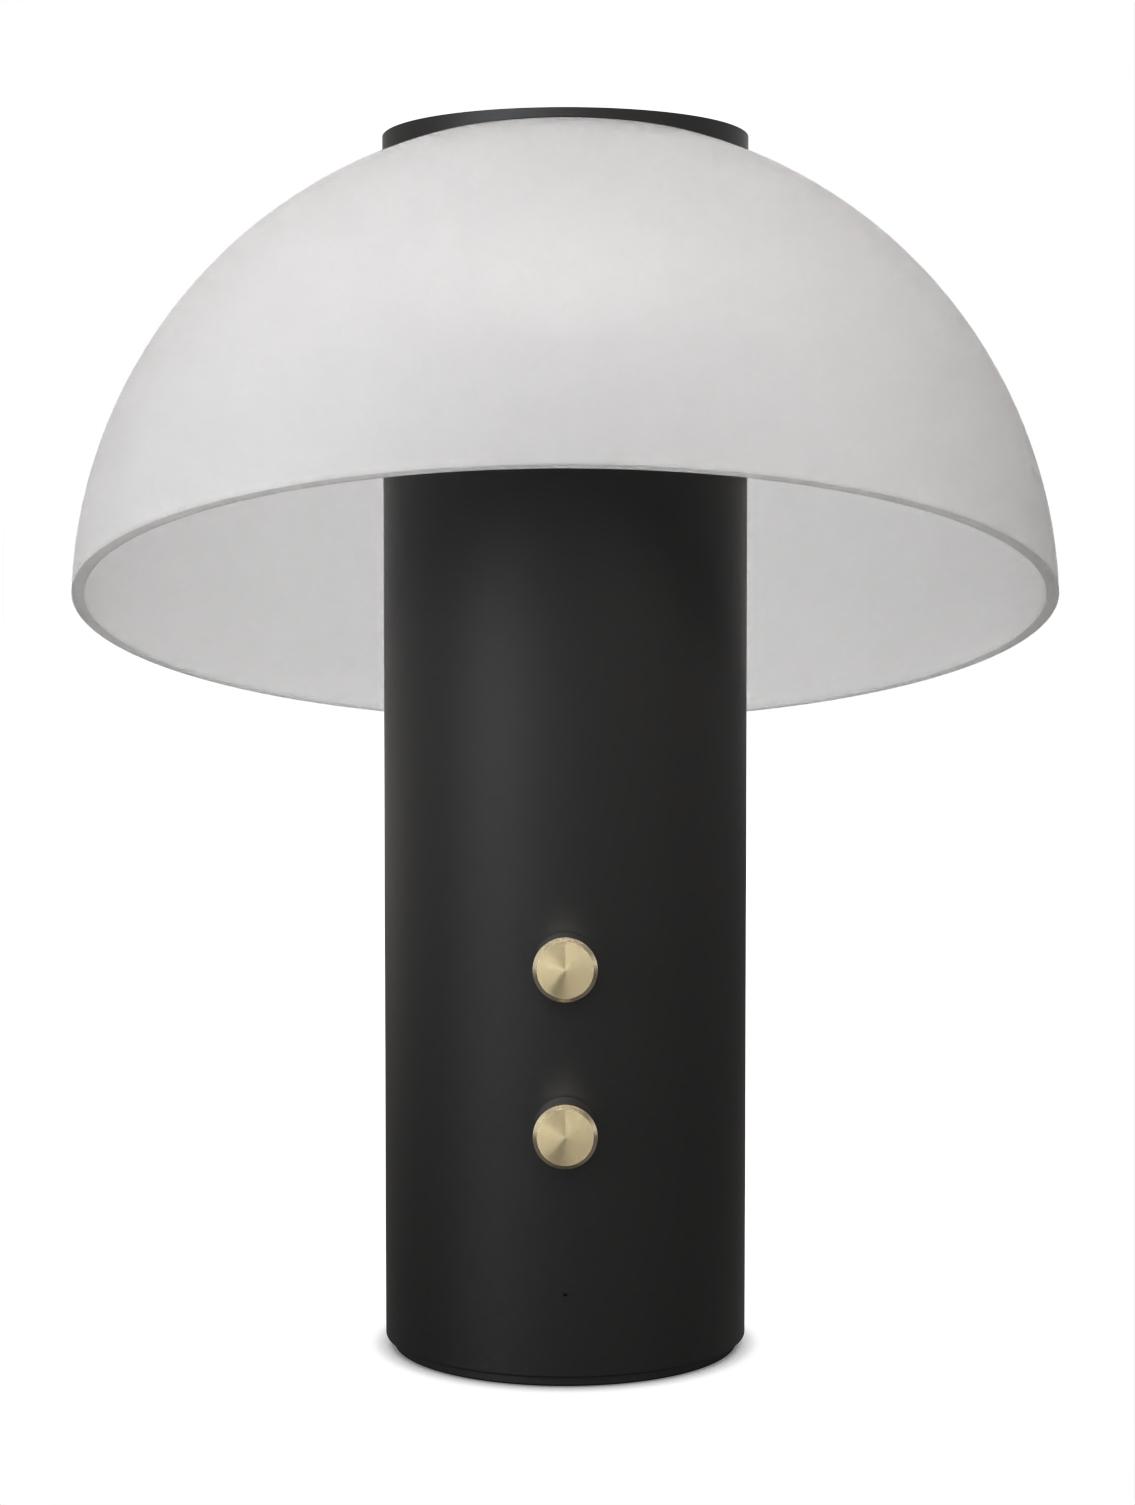 Piccolo  Luminaire Acoustique Lampe Enceinte Jaune Fabrique Noir Or